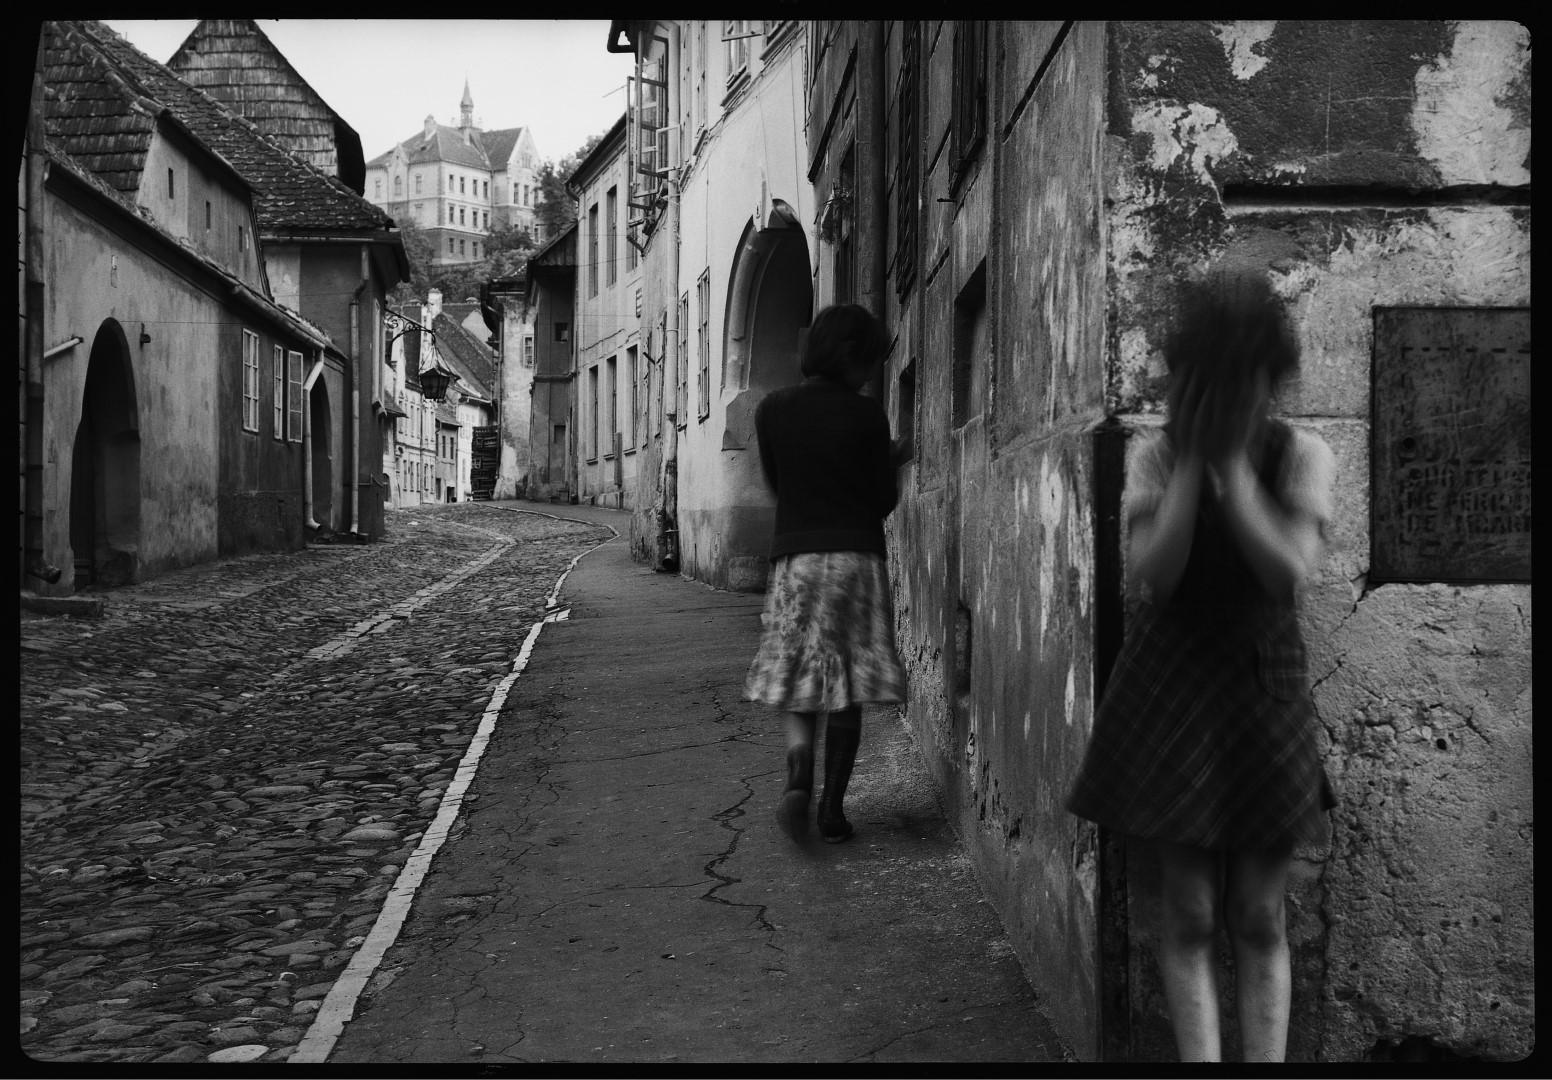 Fotó: Halas István, Segesvár '82 (Az egyetlen örökségem André Kertésztől) I Segesvár '82 My only heritage from André Kertész), 1982 © Halas István